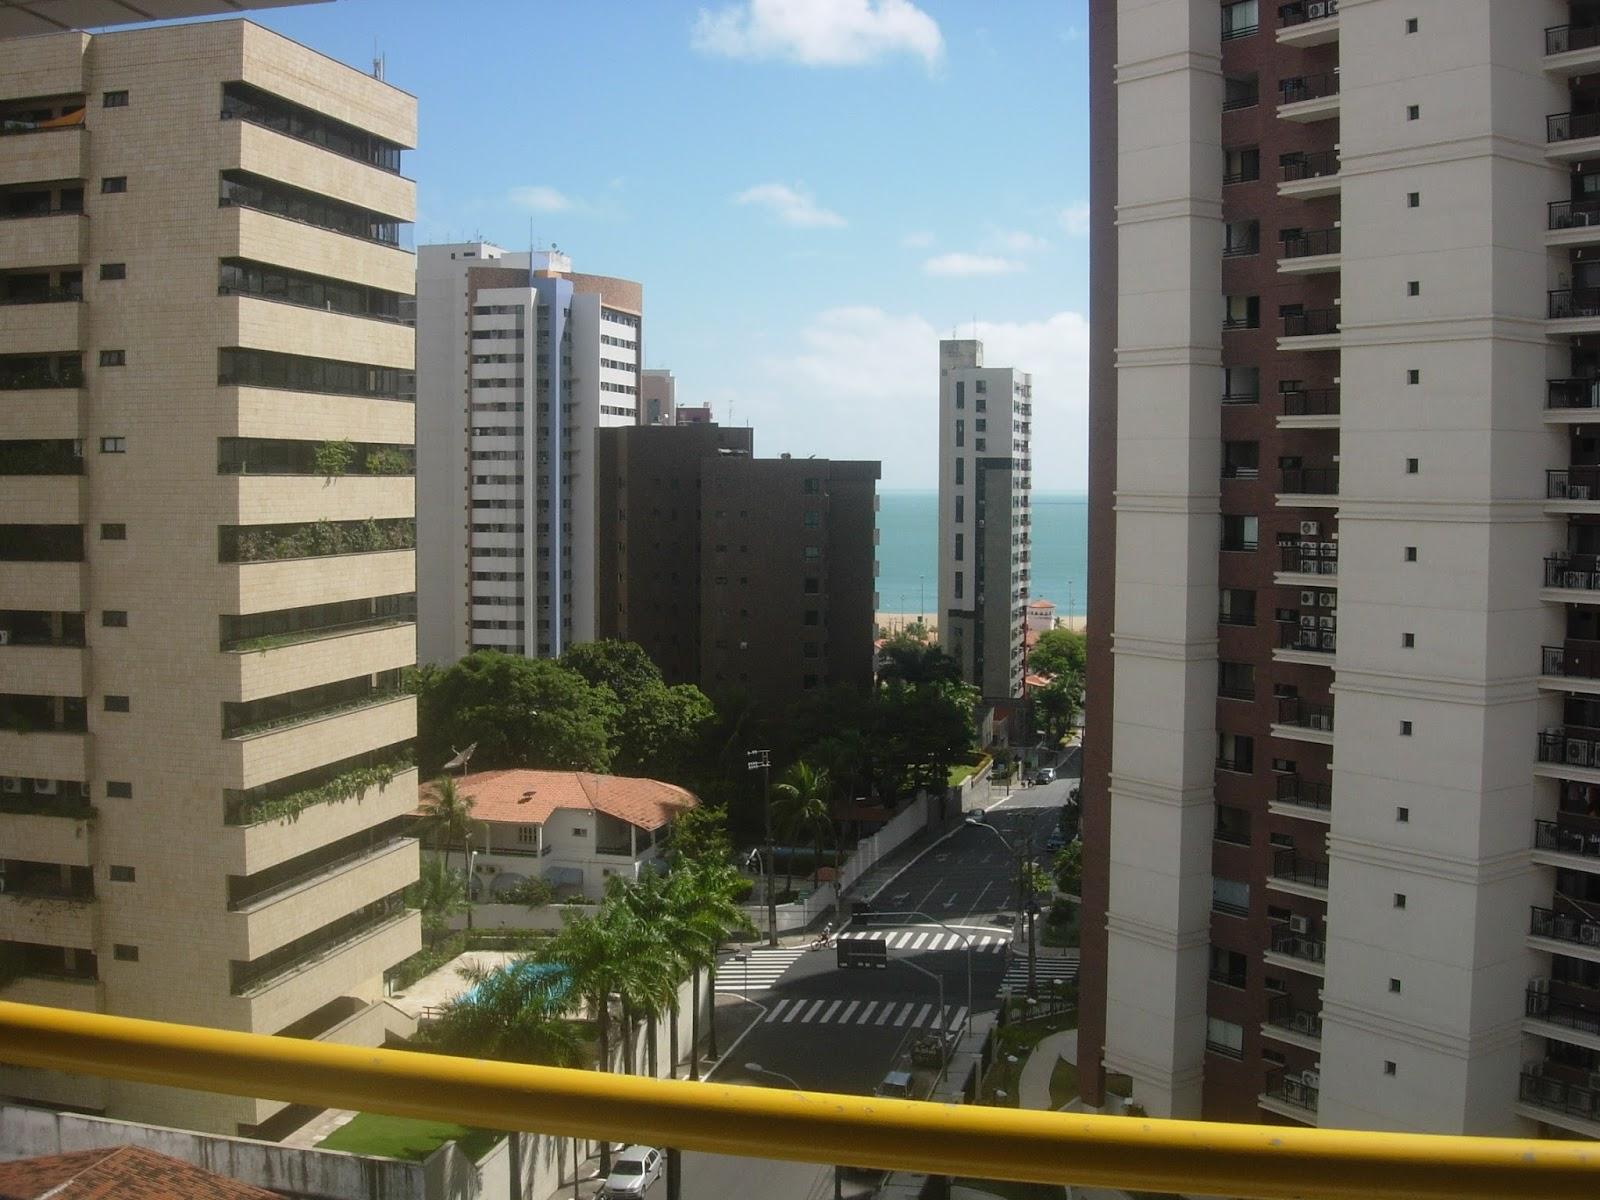 Imagens de #B1901A Imobiliária Madre de Deus: Agosto 2013 1600x1200 px 3548 Blindex Banheiro Fortaleza